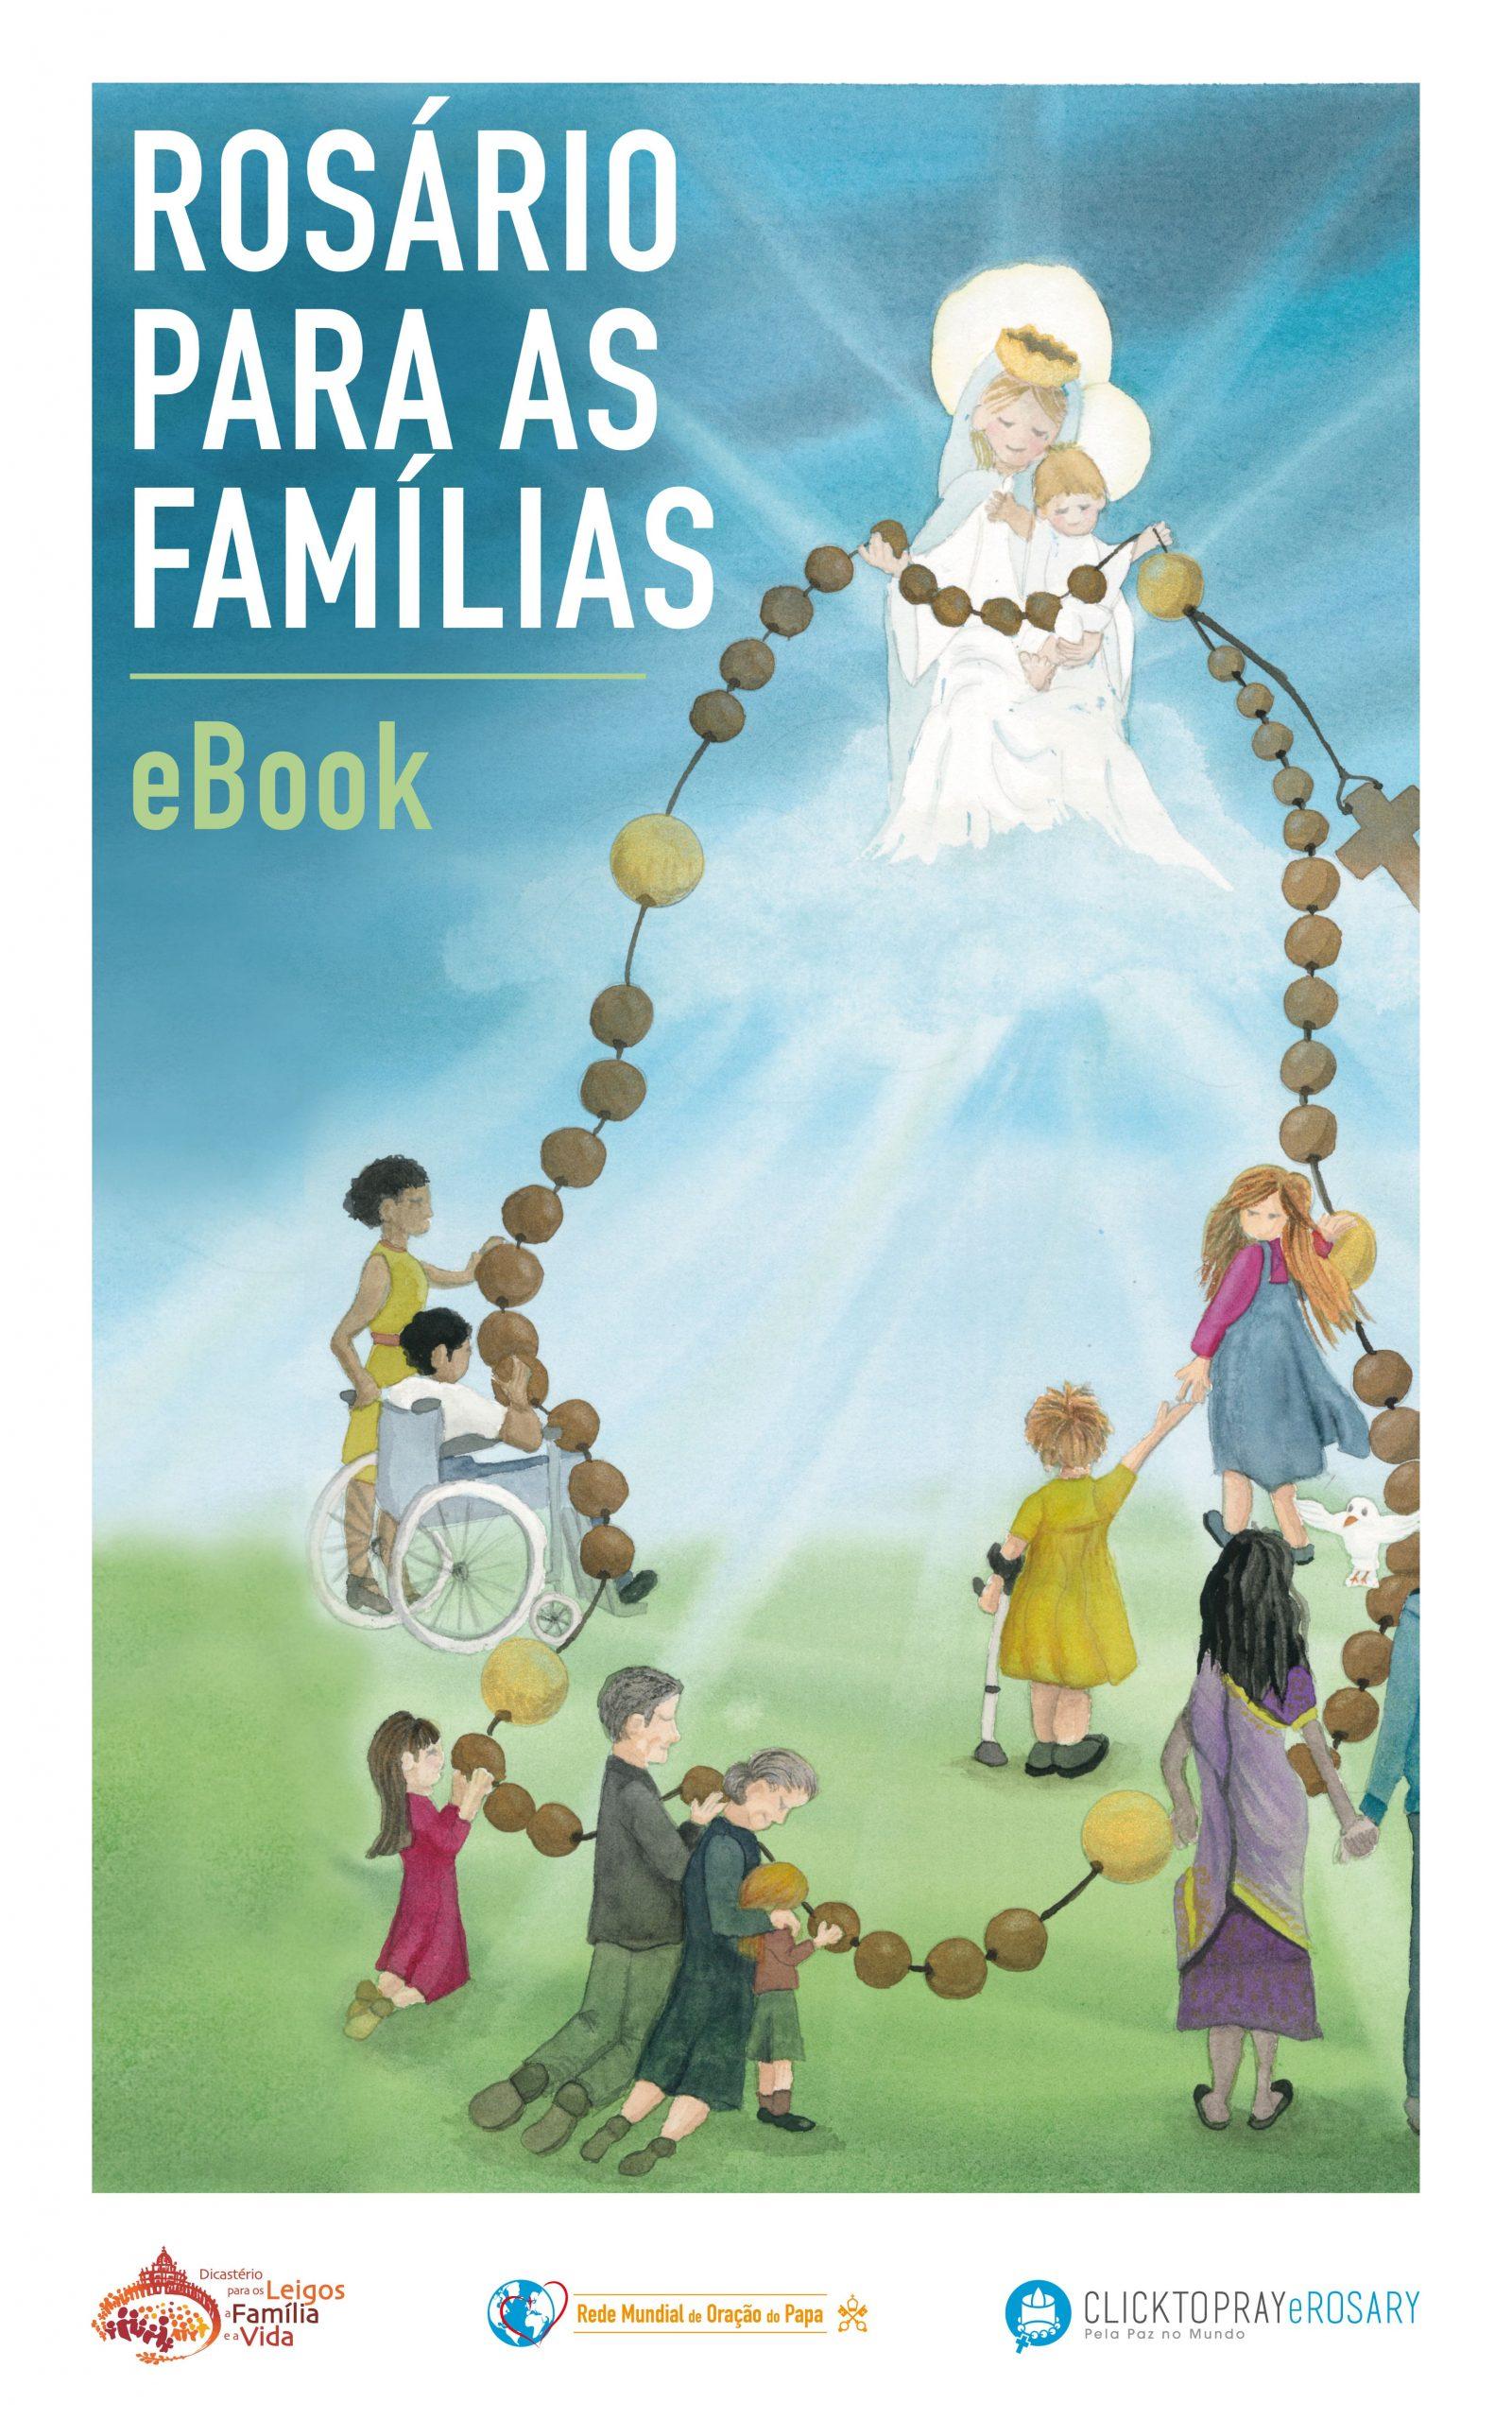 Cover CTP eBook - Rosário para as famílias PT-min